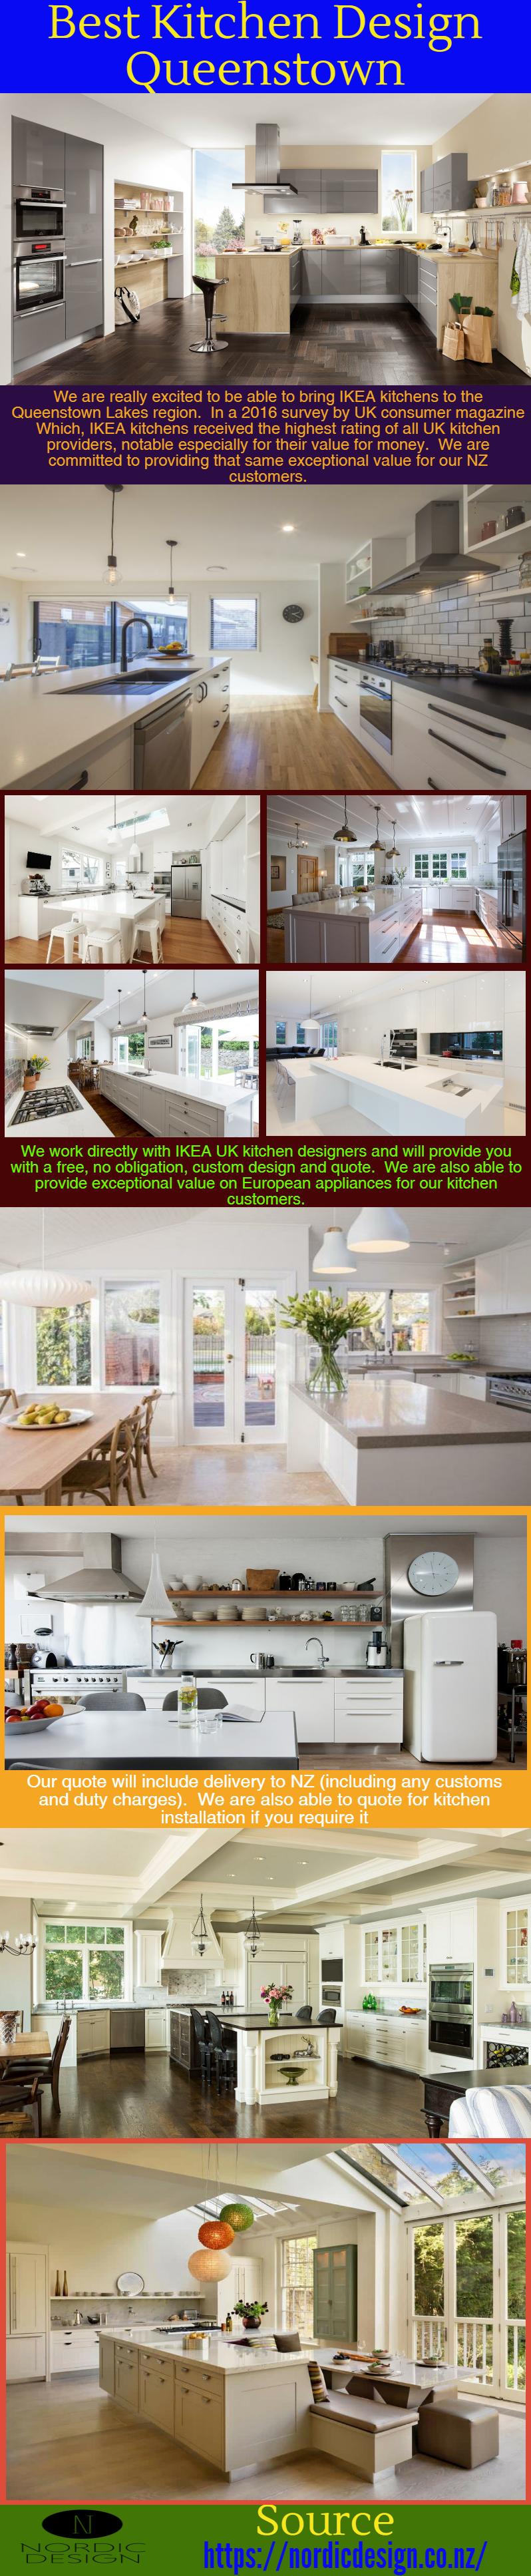 Kitchen Design Queenstown free stock photo of ikea queenstown, kitchen design queenstown